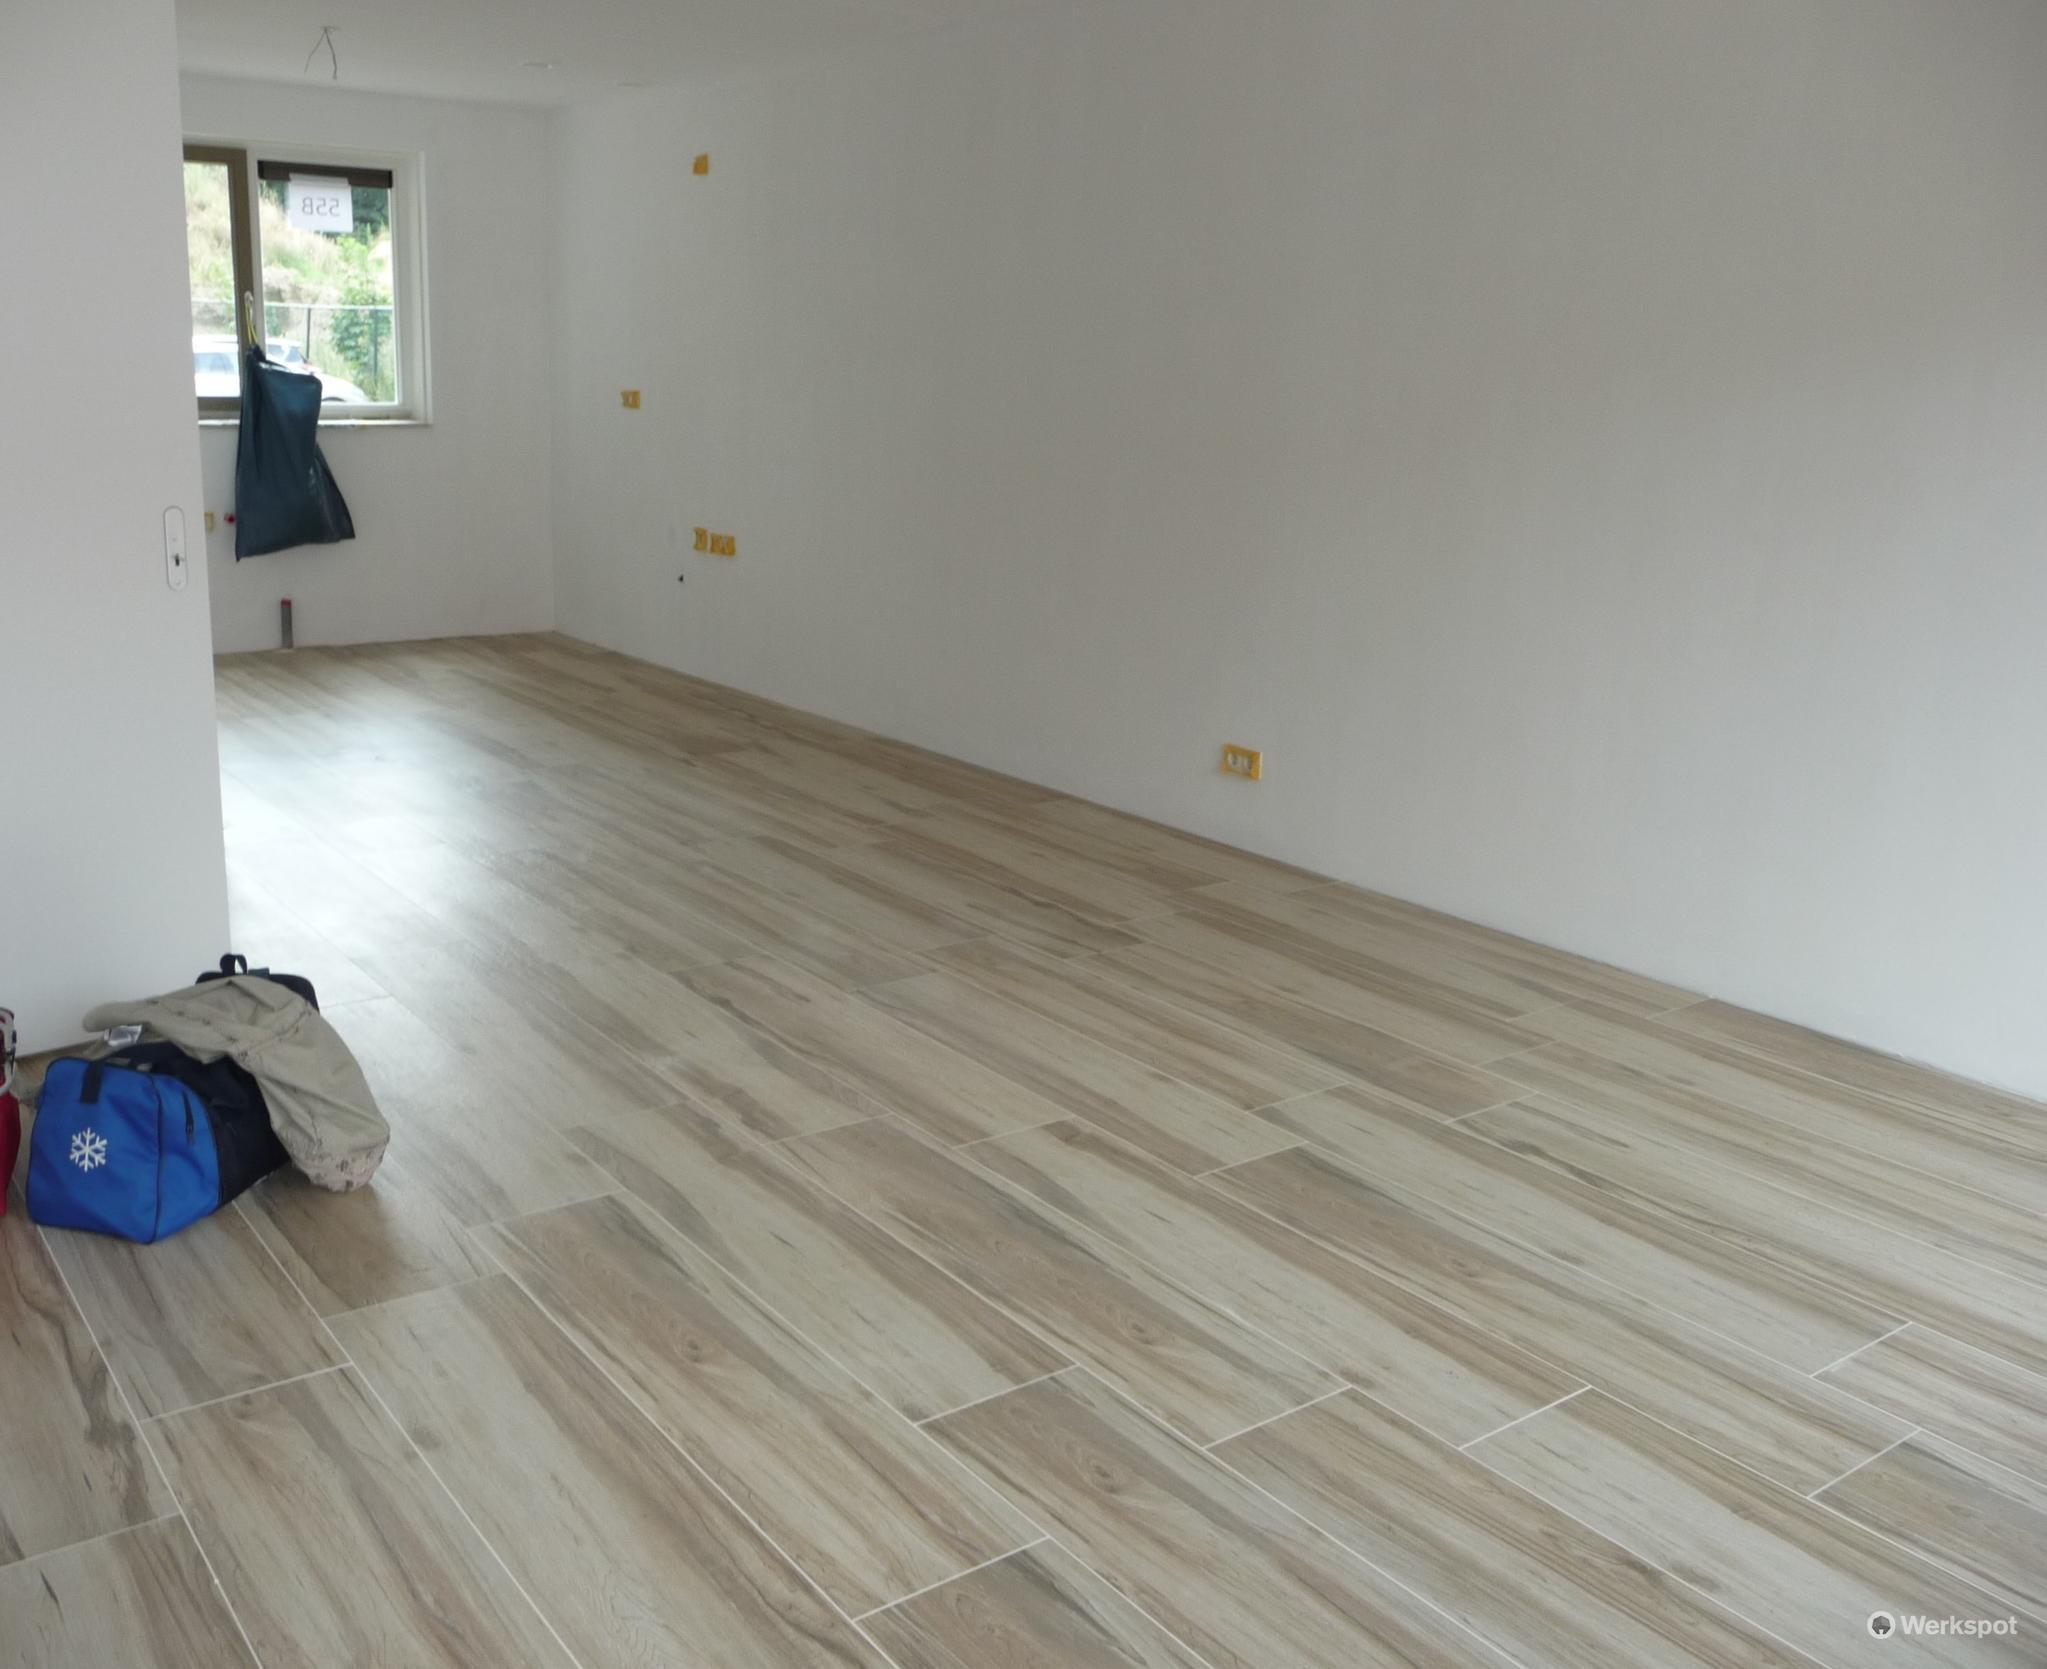 Woonkamer Op Bovenverdieping : Tegels zetten vloer woonkamer keuken bovenverdieping werkspot